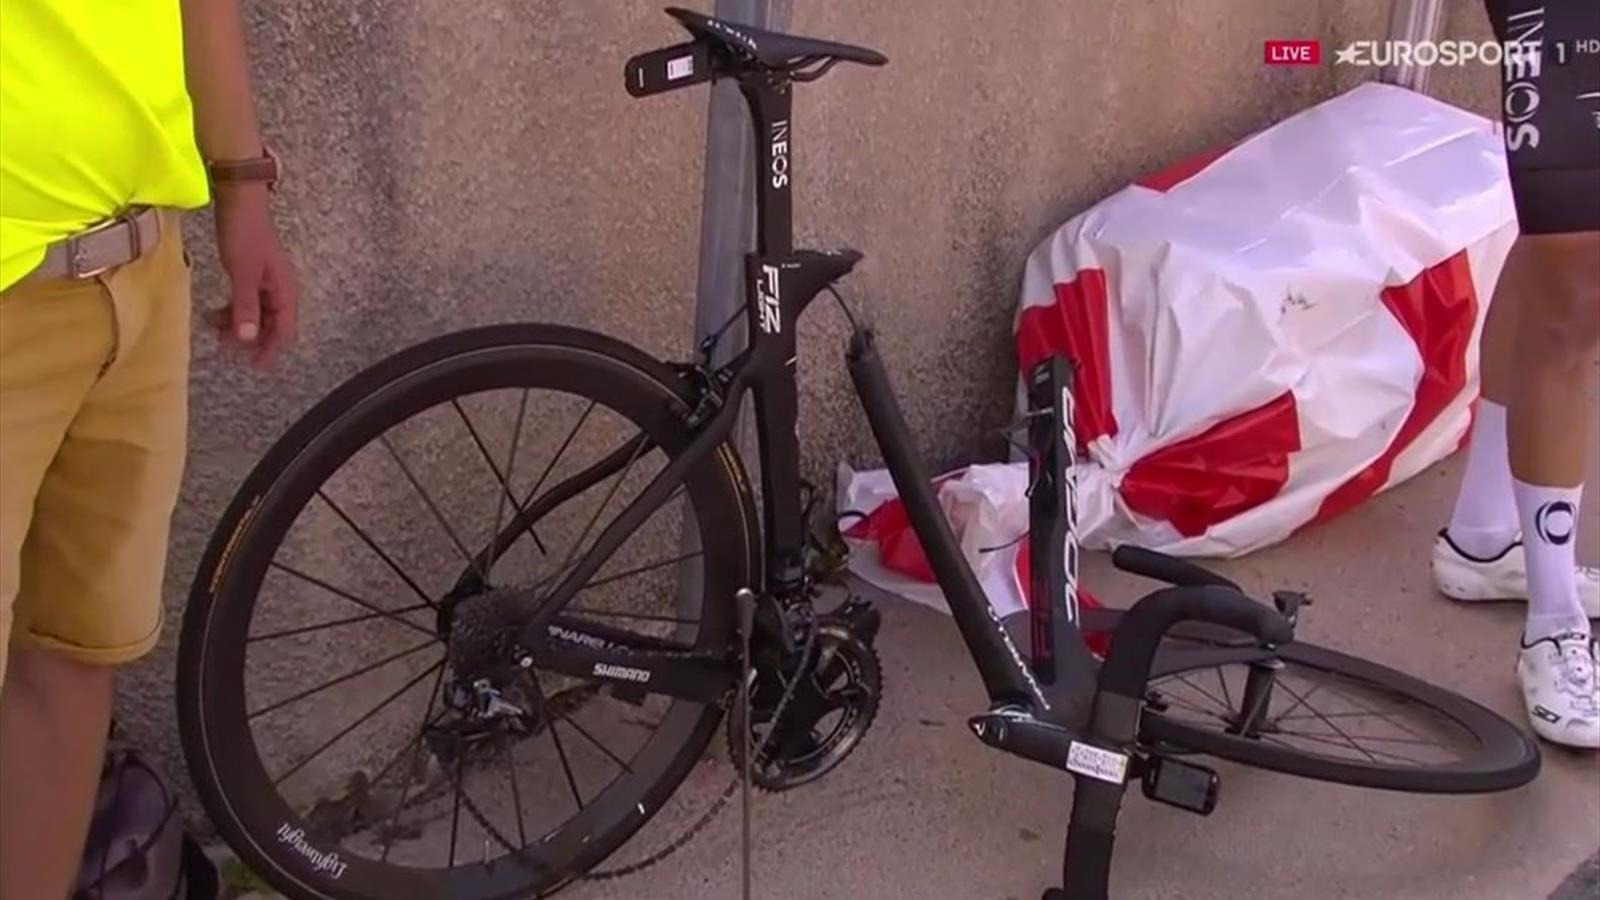 ¡Una imagen que asusta! La bici de Geraint Thomas completamente destrozada  tras su caída